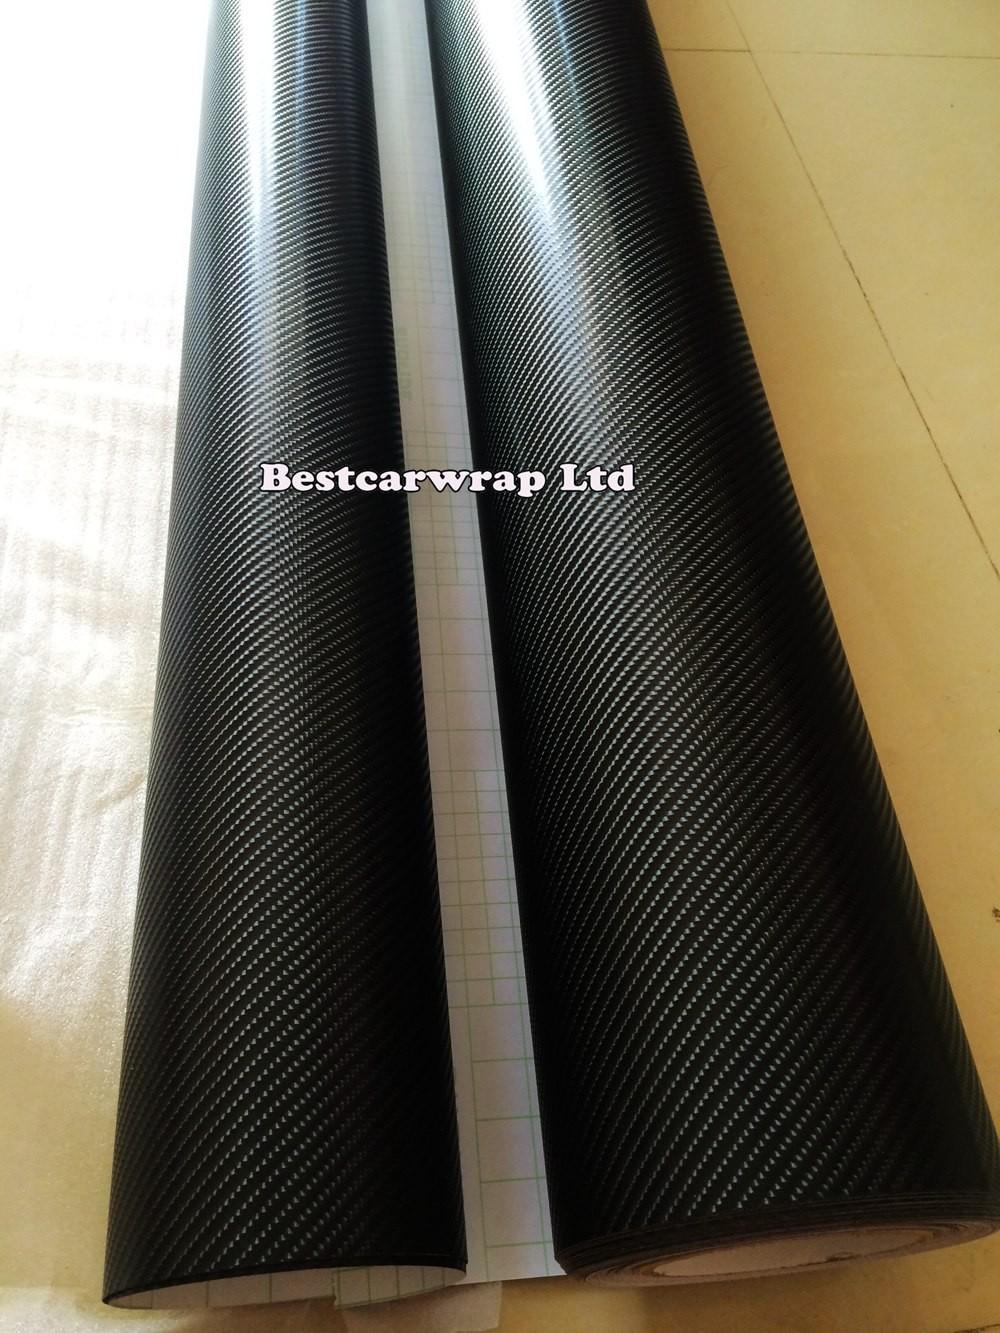 4d carbon real carbon wraps (1)